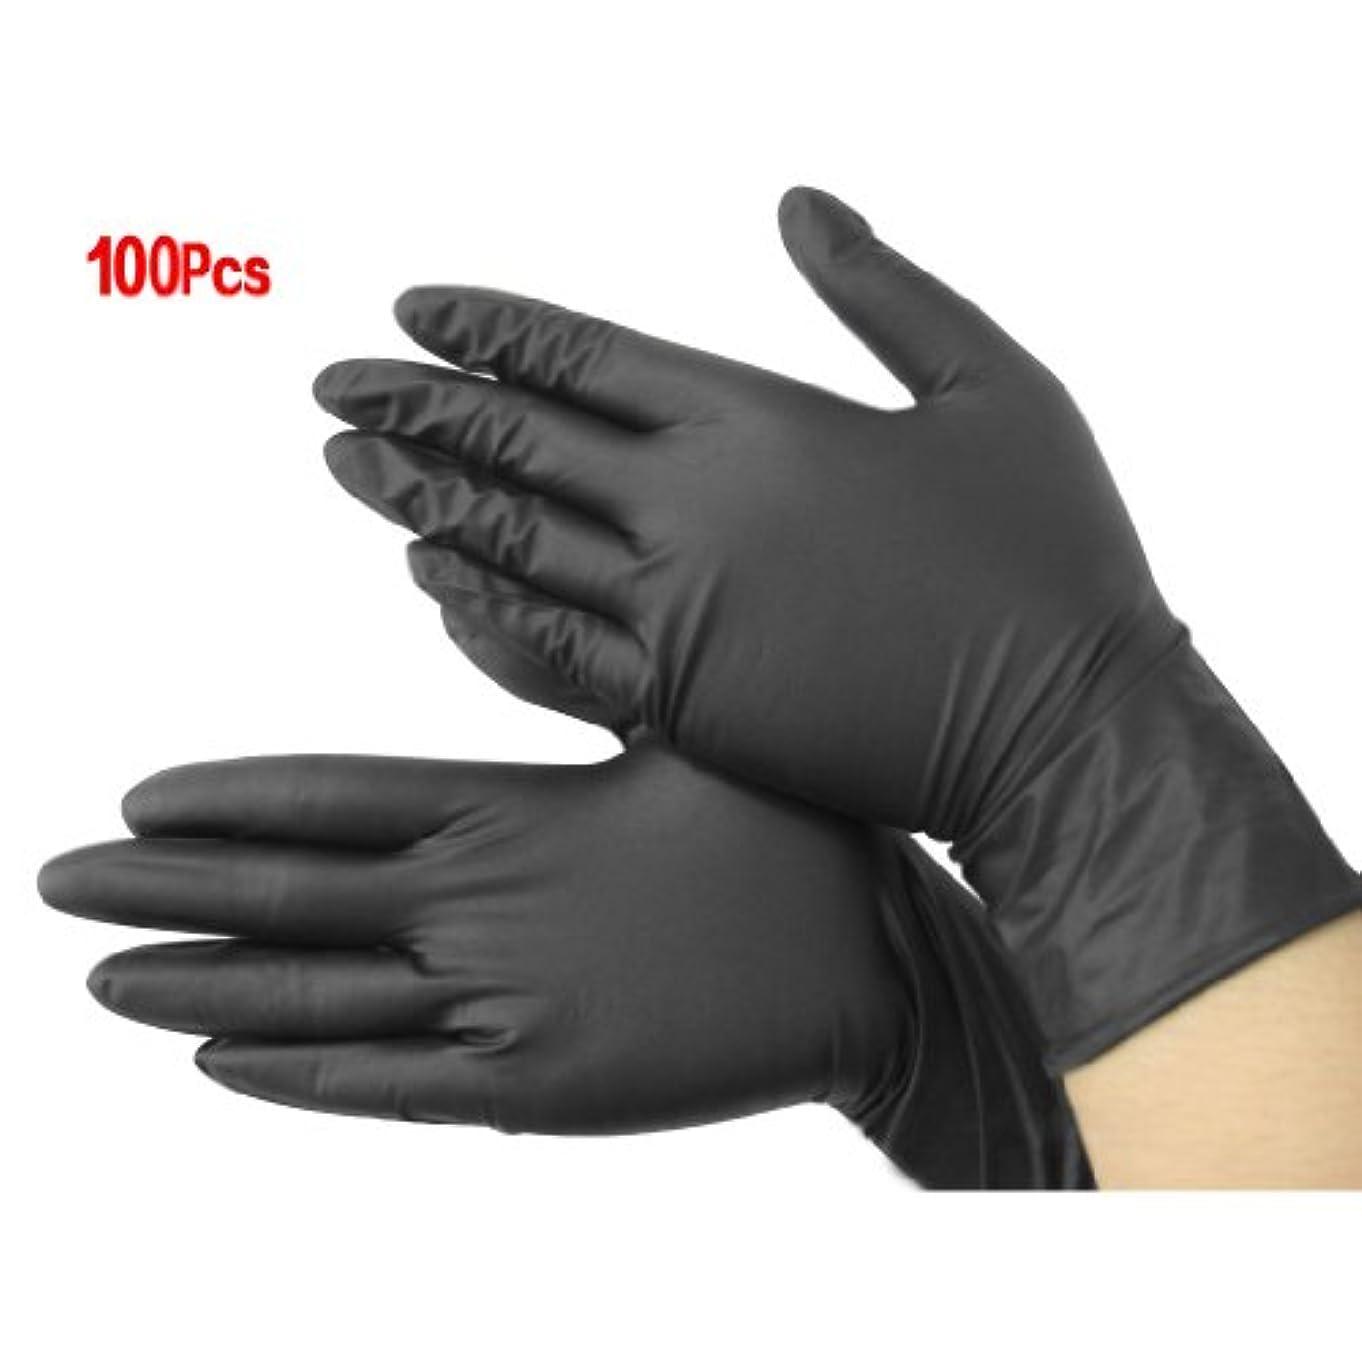 ふざけたスリップ債権者手袋,SODIAL(R)黒いニトリル使い捨てクール手袋 パワーフリーX100 - 入れ墨 - メカニック 新しい